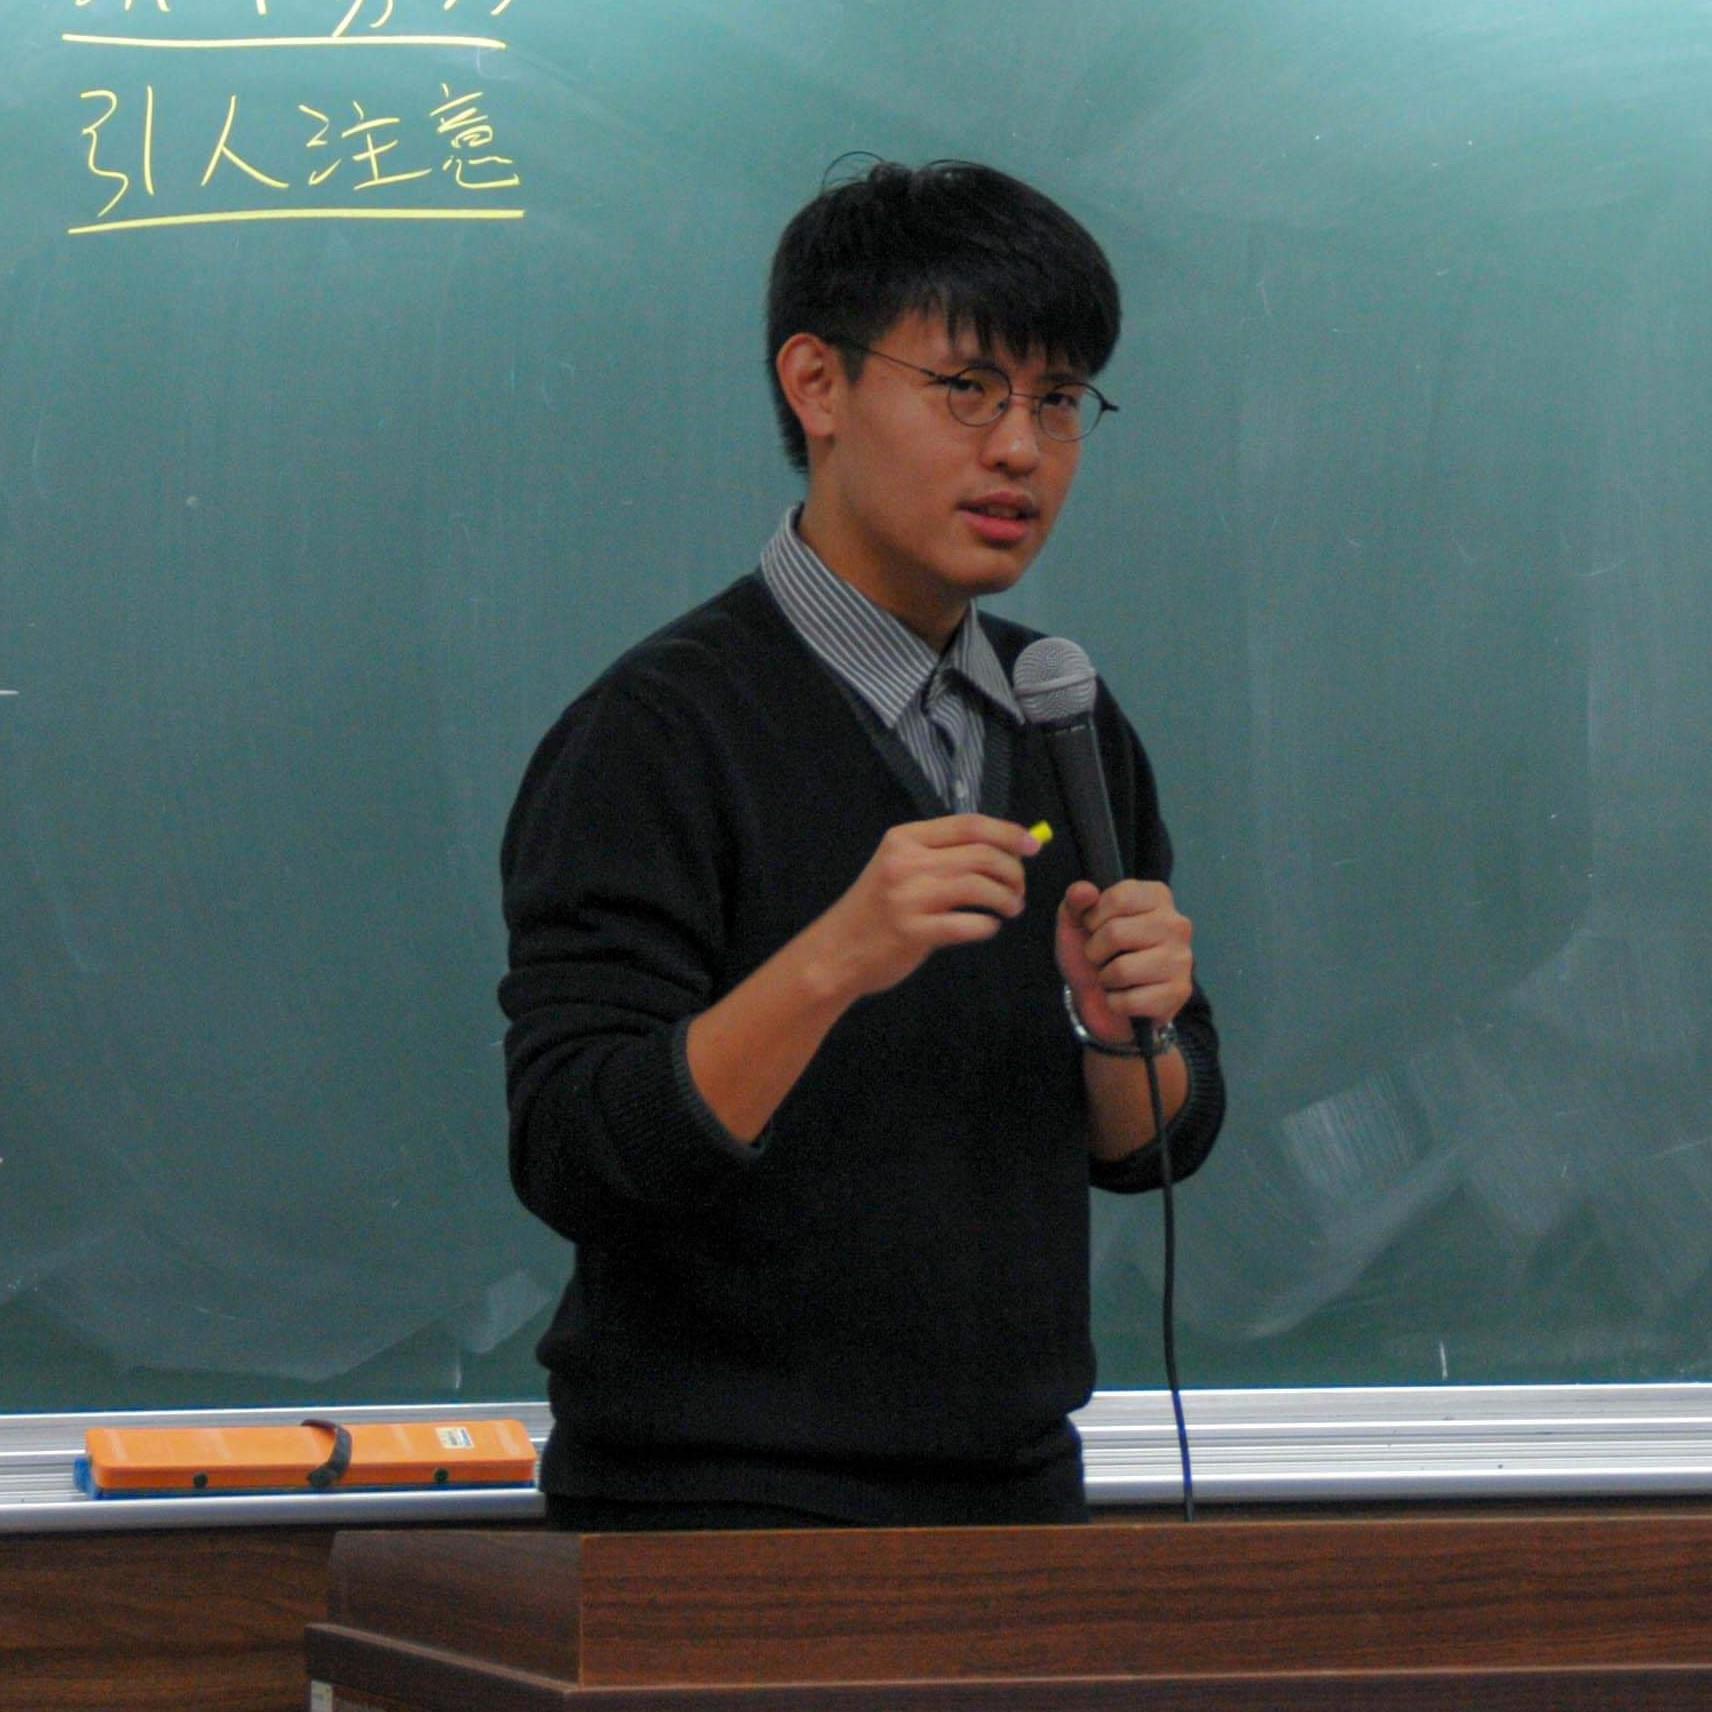 專欄作家 - 詹宇翔